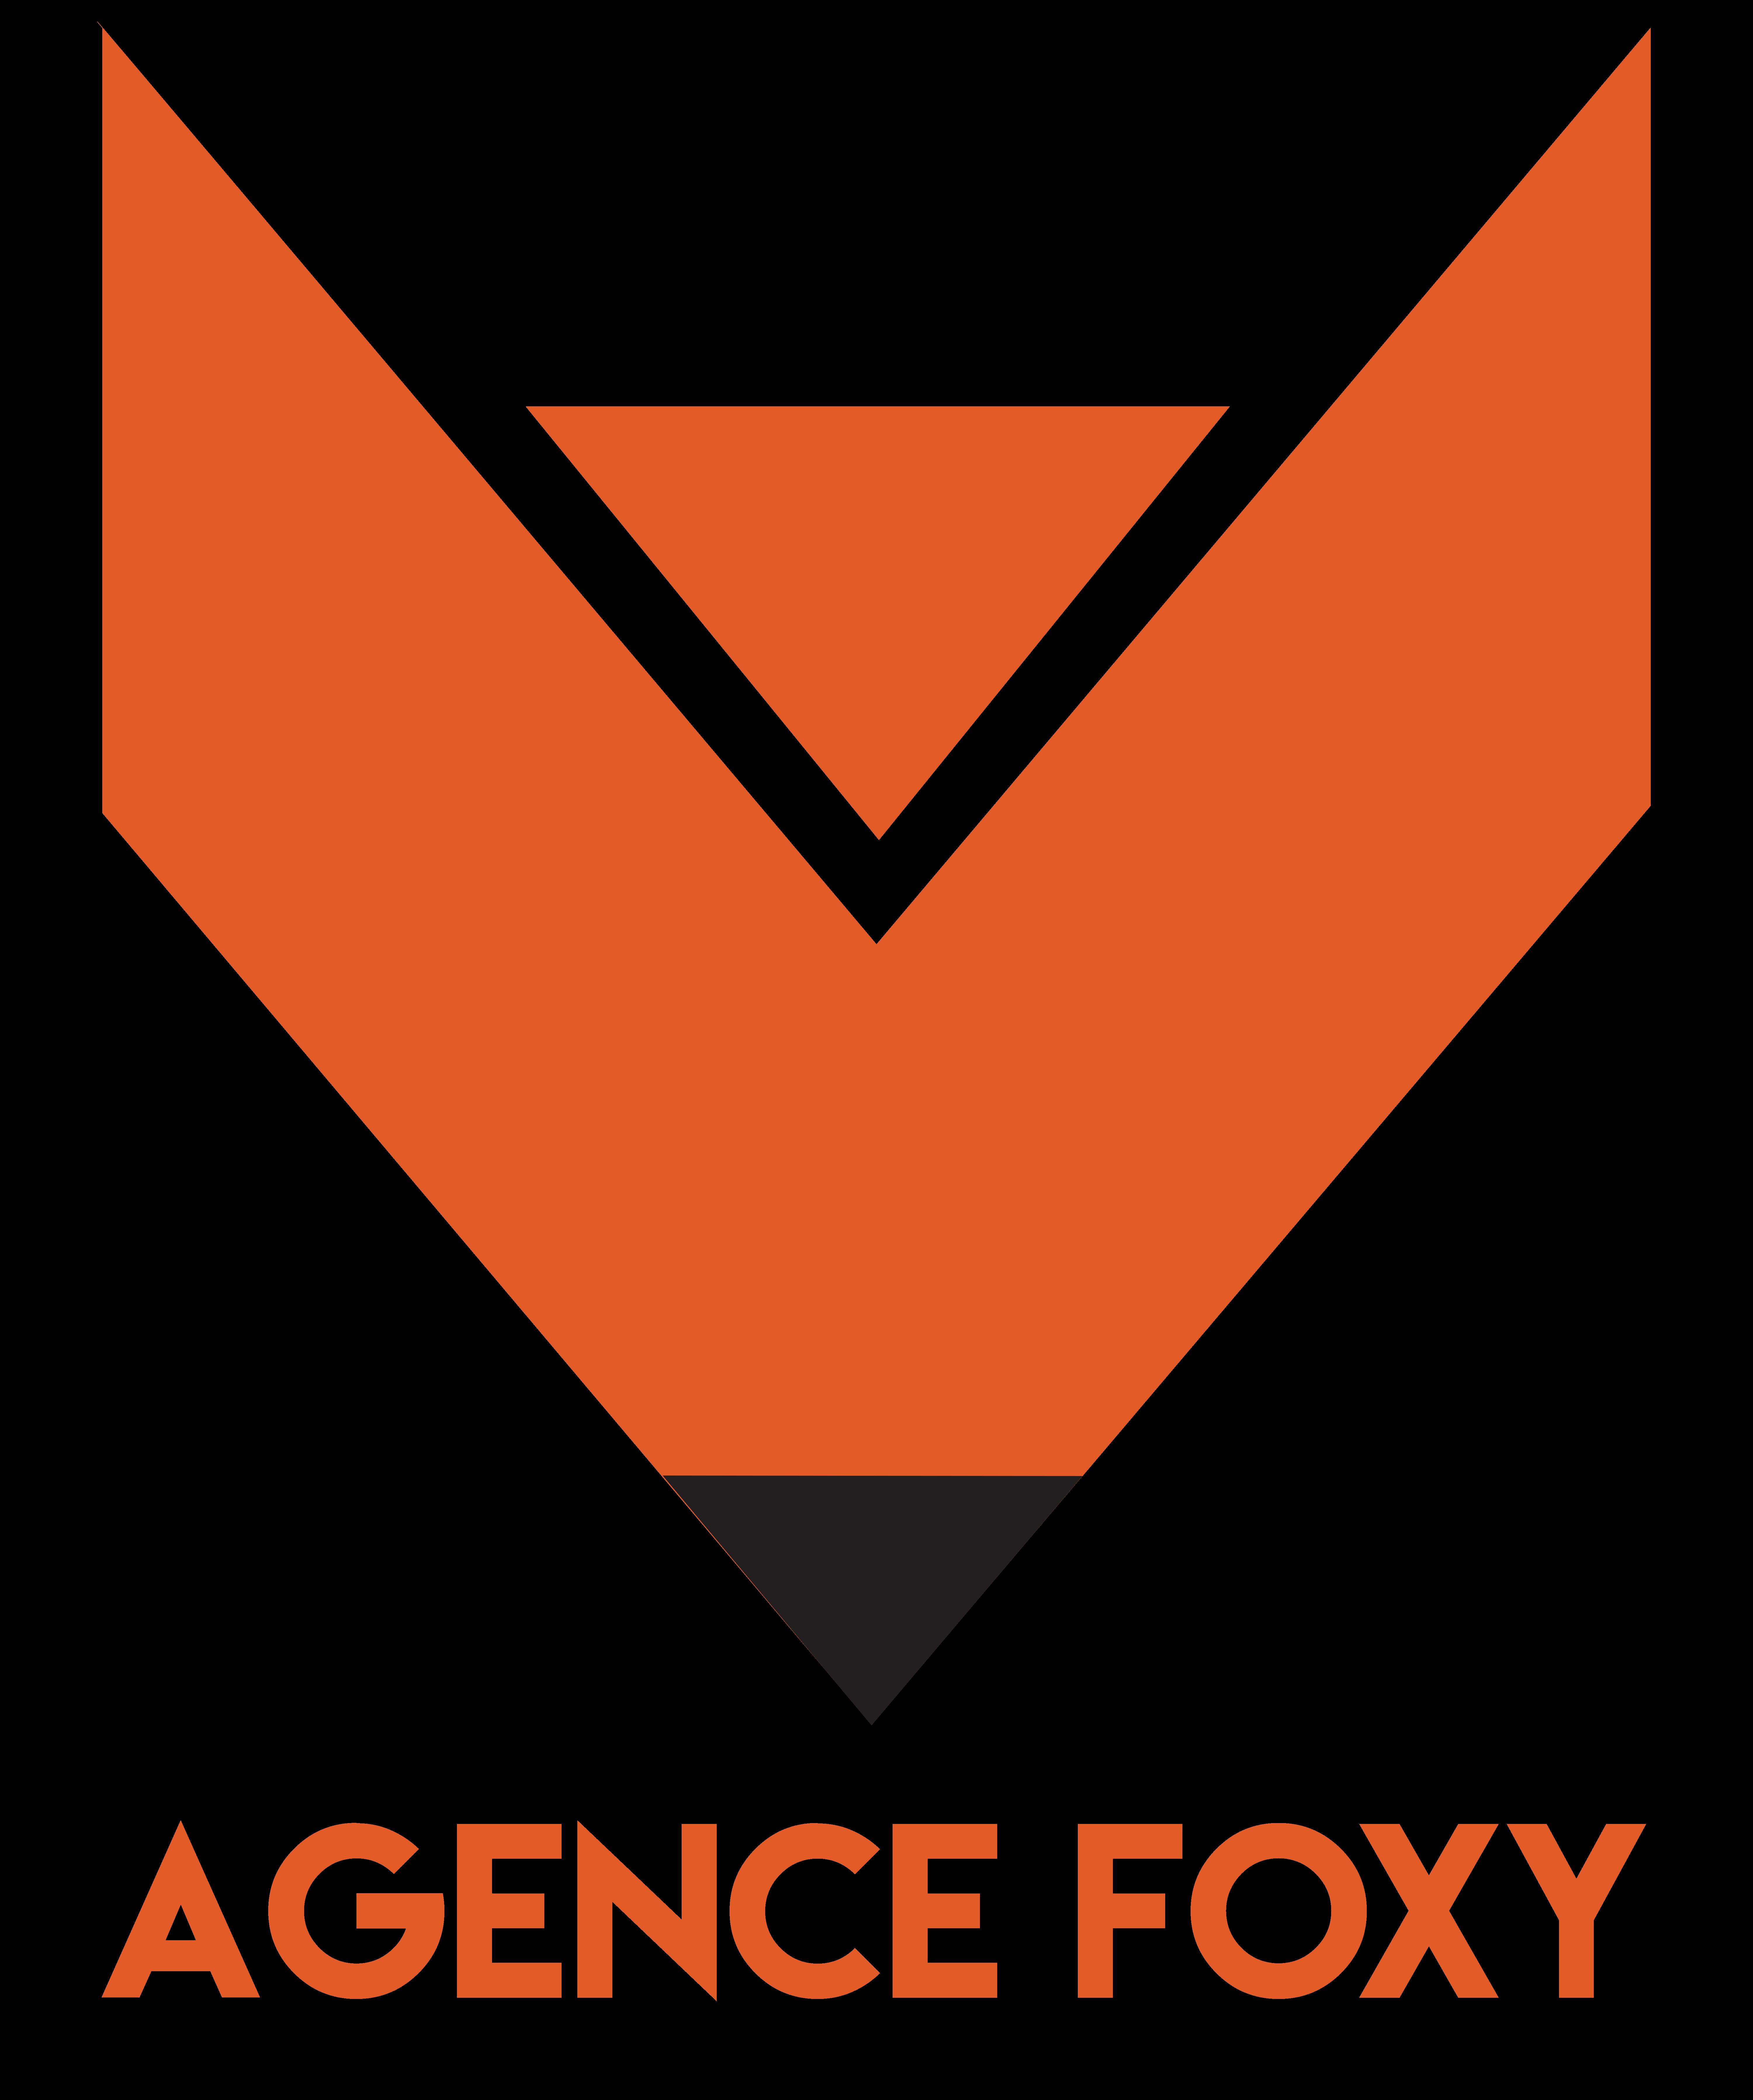 Agence Foxy